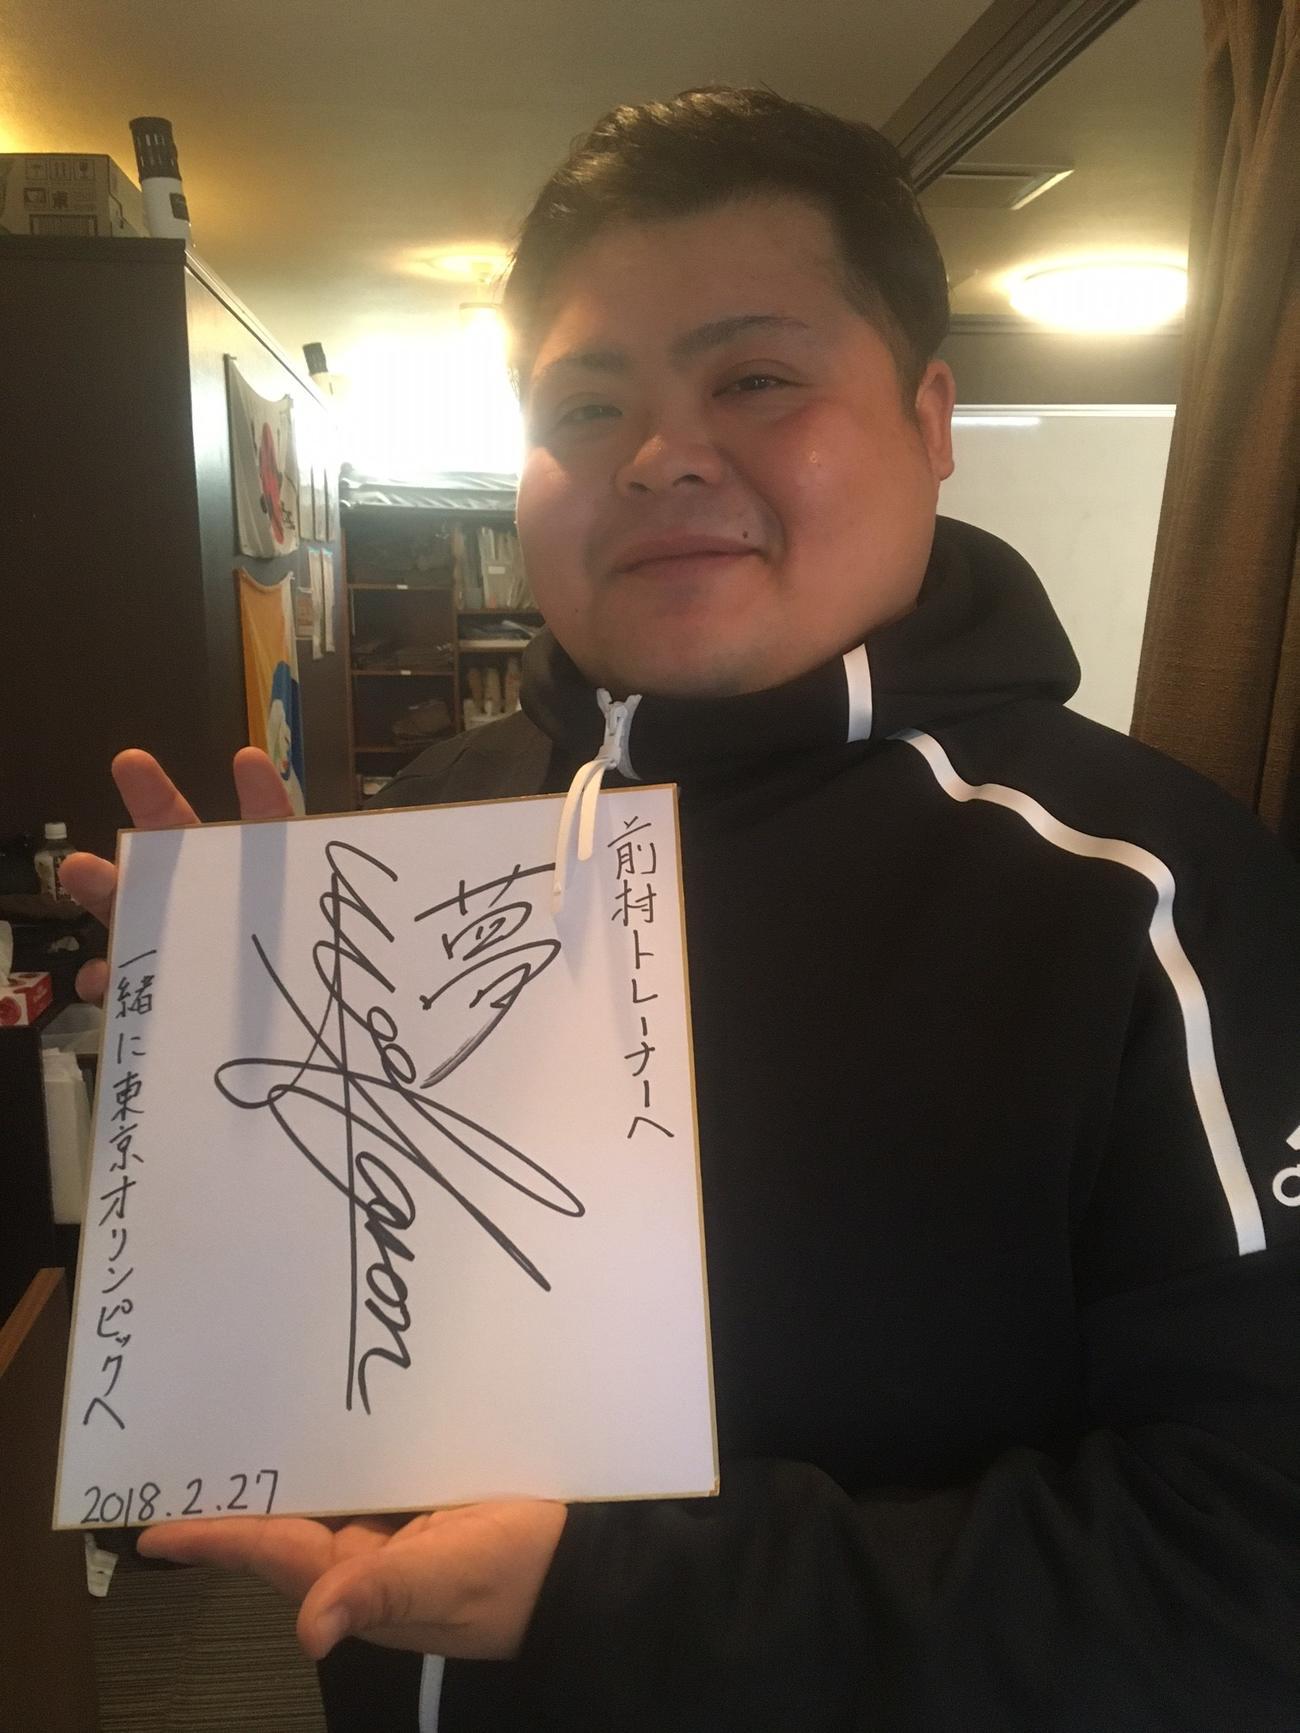 ウルフ・アロンが前村さんに贈った色紙